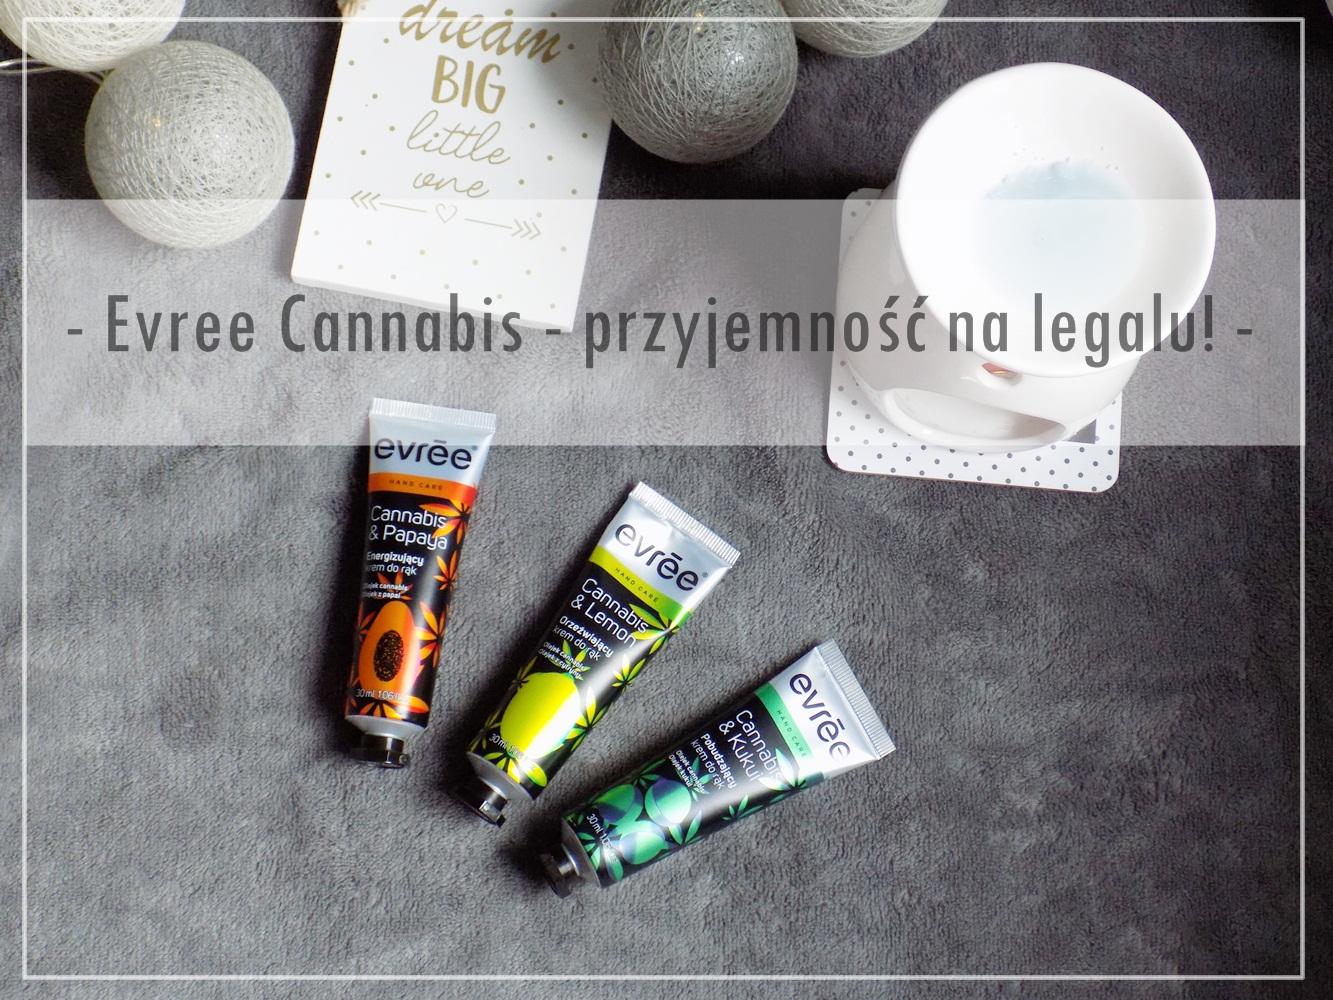 Evree Cannabis - przyjemność na legalu. | Ksanaru